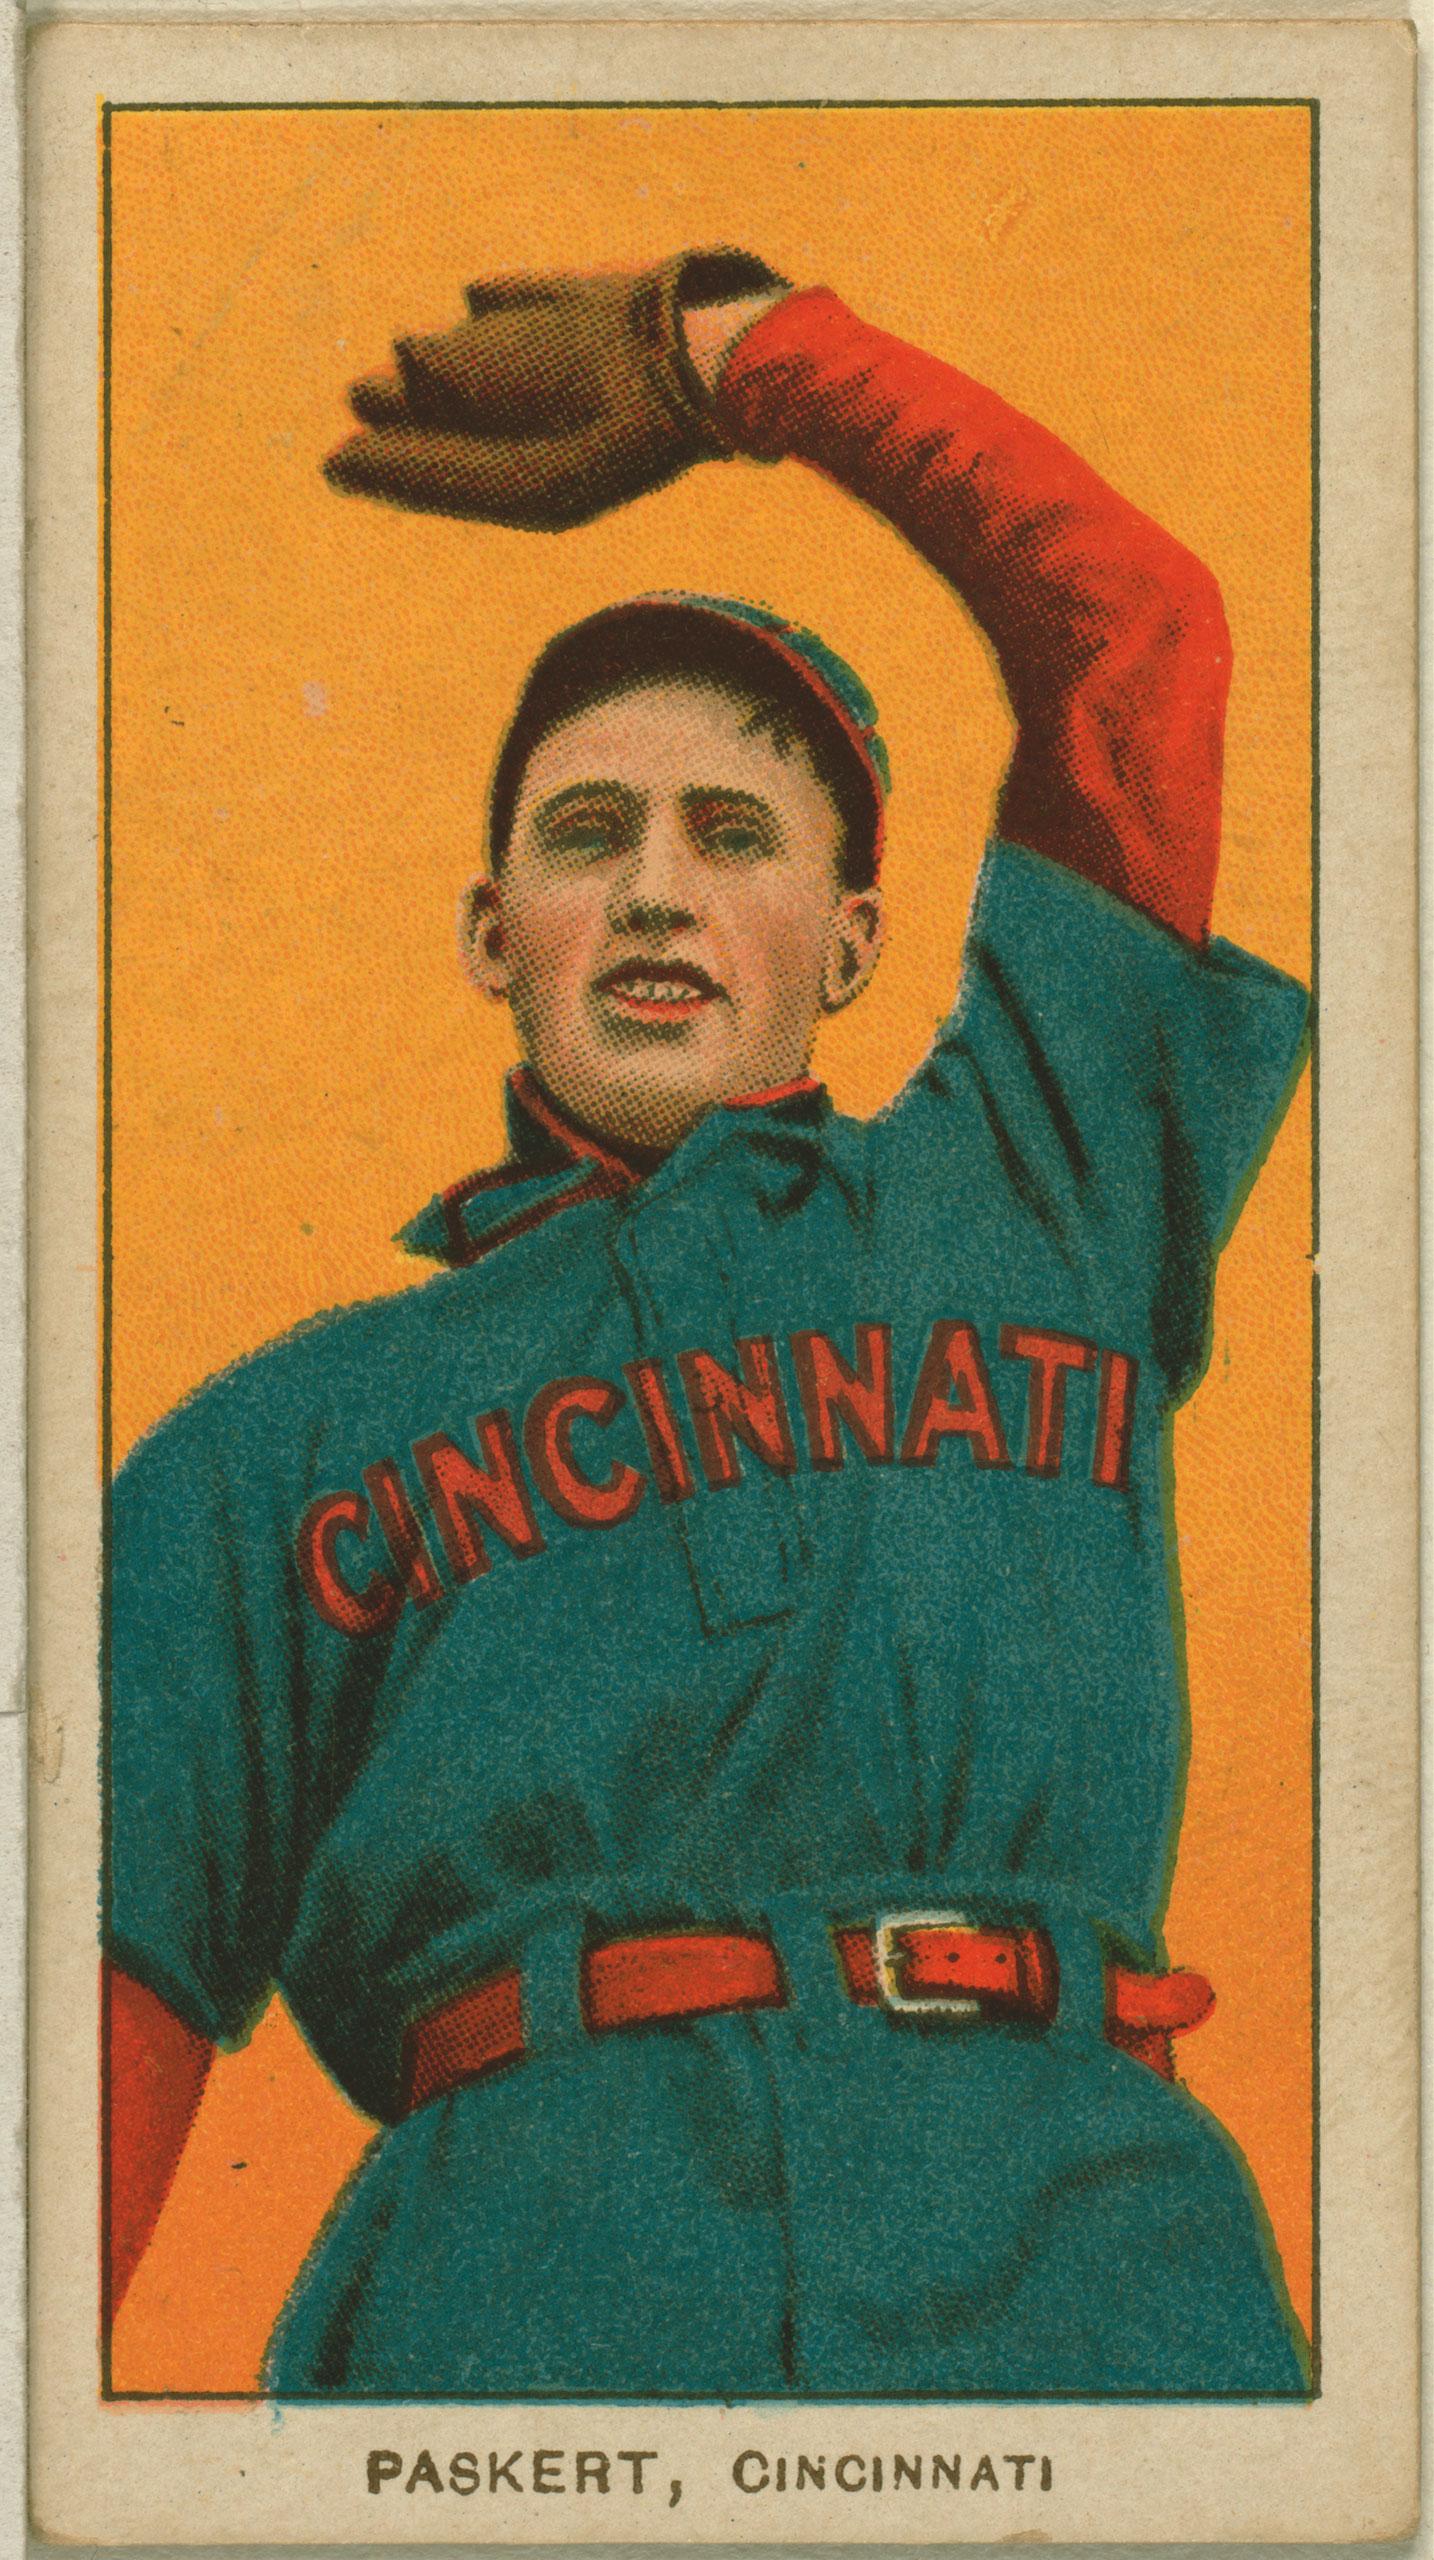 Dode Paskert, Cincinnati Reds, baseball card, 1909-1911.